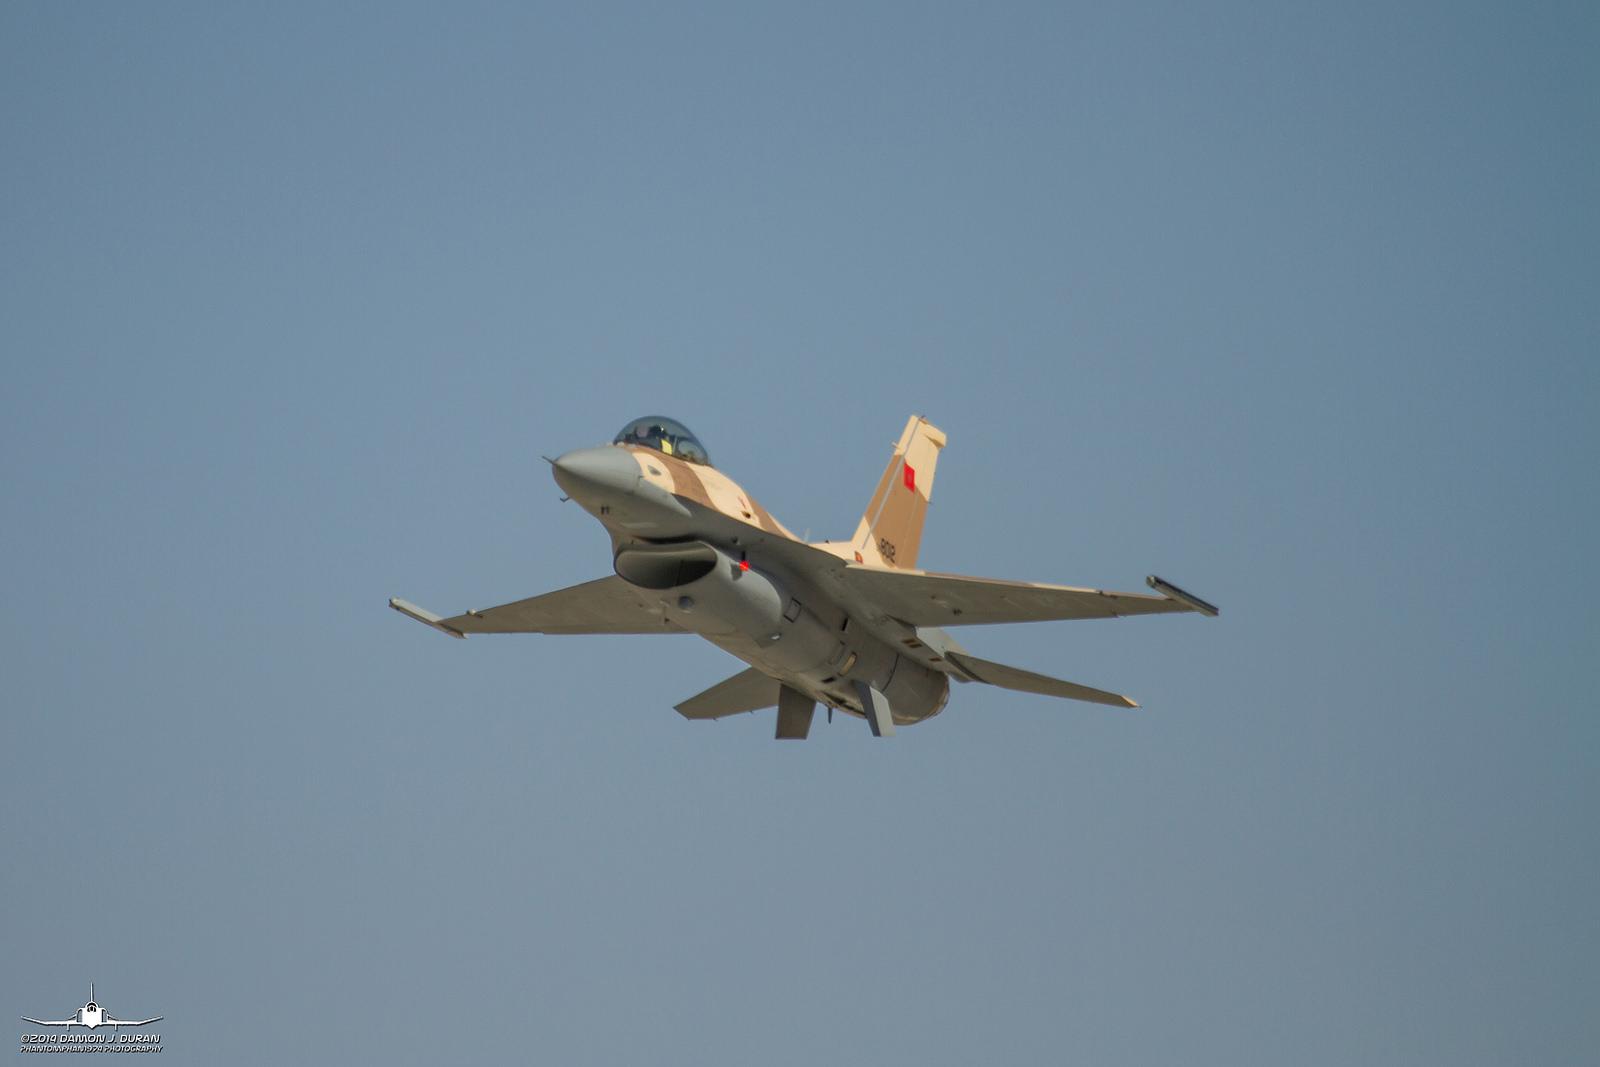 القوات الجوية الملكية المغربية - متجدد - 954869155563959214bc5e90fcbh